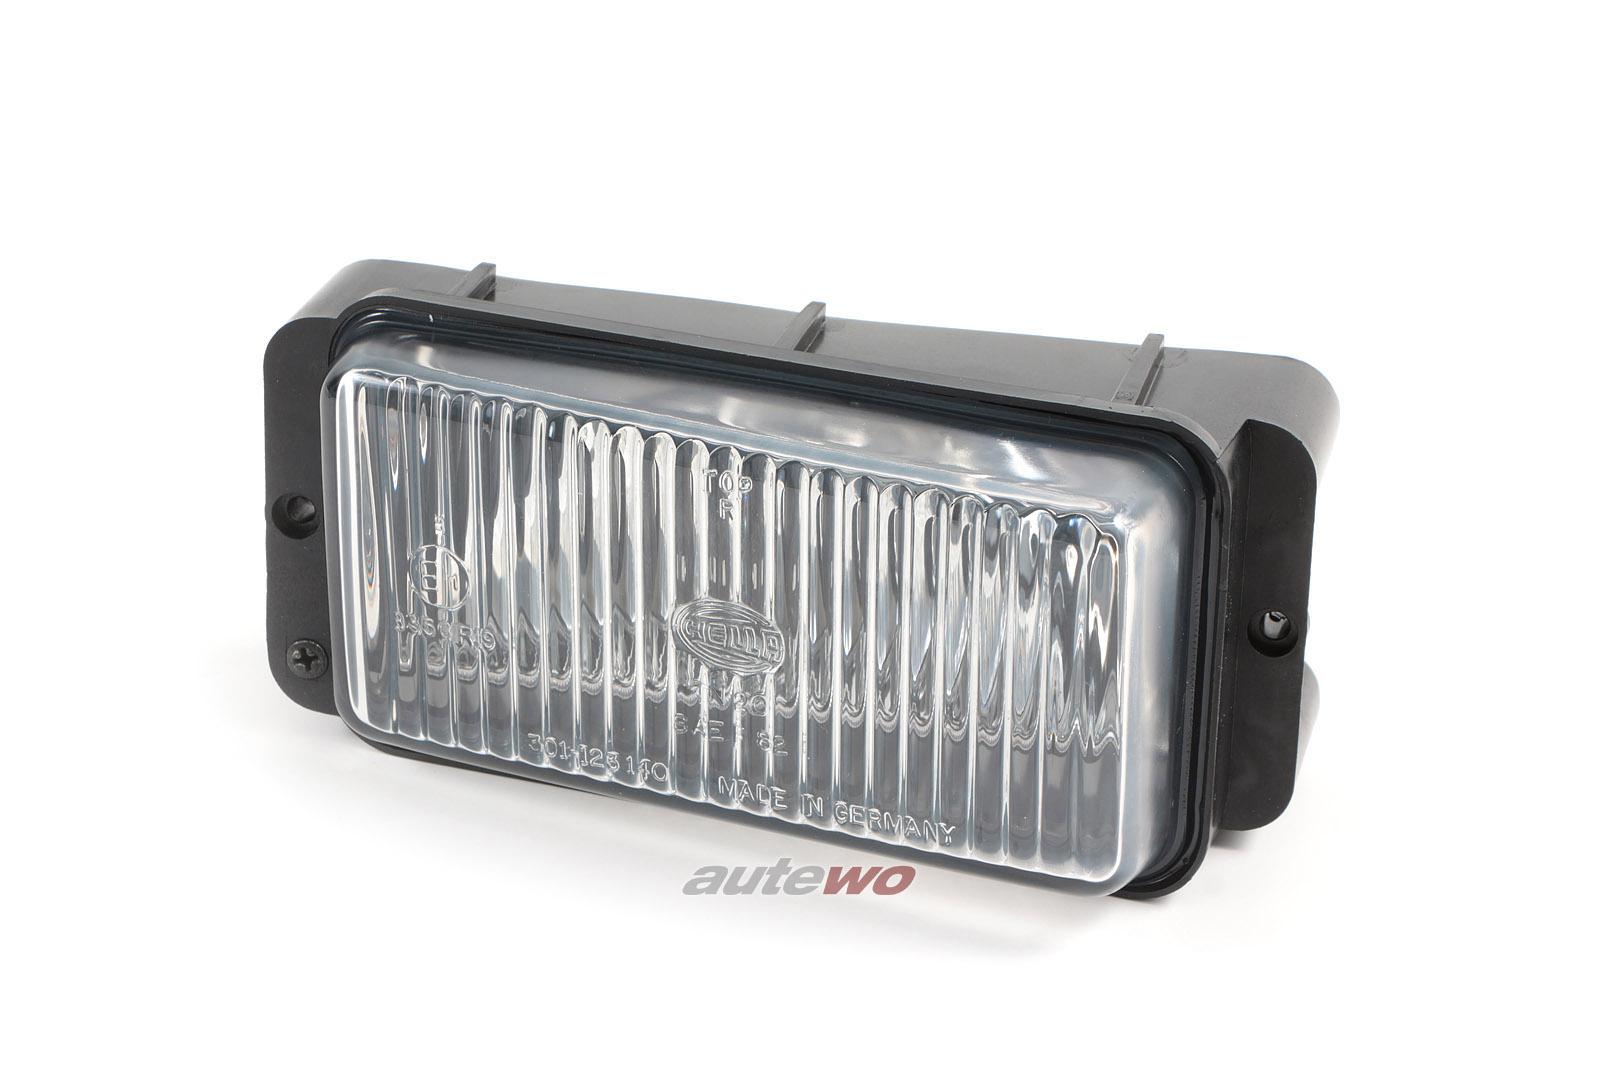 NEU Audi 100/200 43/Urquattro Nebelscheinwerfer HELLA rechts entsprich 437941724